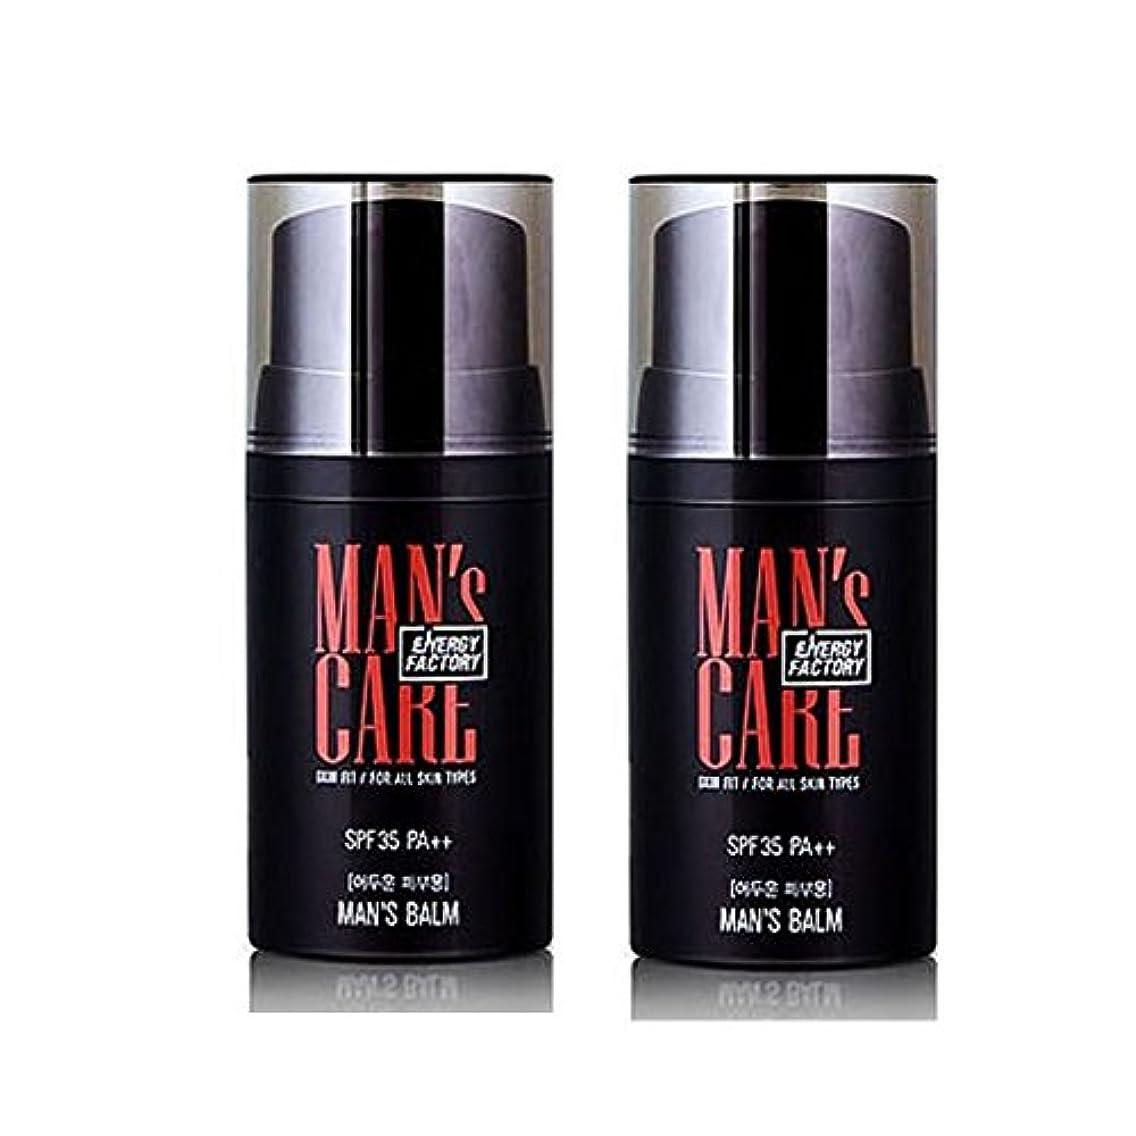 何もない液化するヒップメンズケアエネルギーファクトリースキンフィット?マンズ?Balm 50ml x 2本セット(明るい肌用、暗い肌用) メンズコスメ、Man's Care Energy Factory Skin Fit Man's Balm...